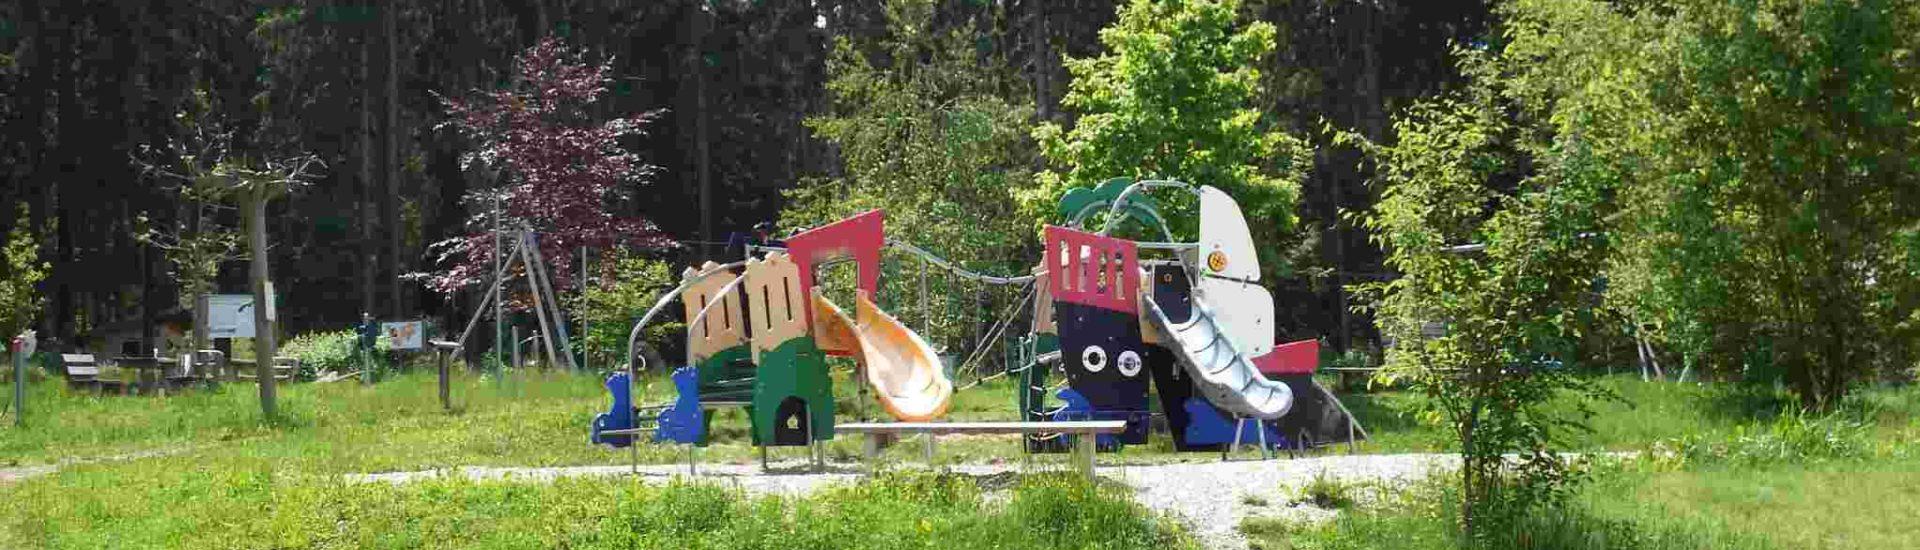 Der Fledermaus-Waldspielplatz